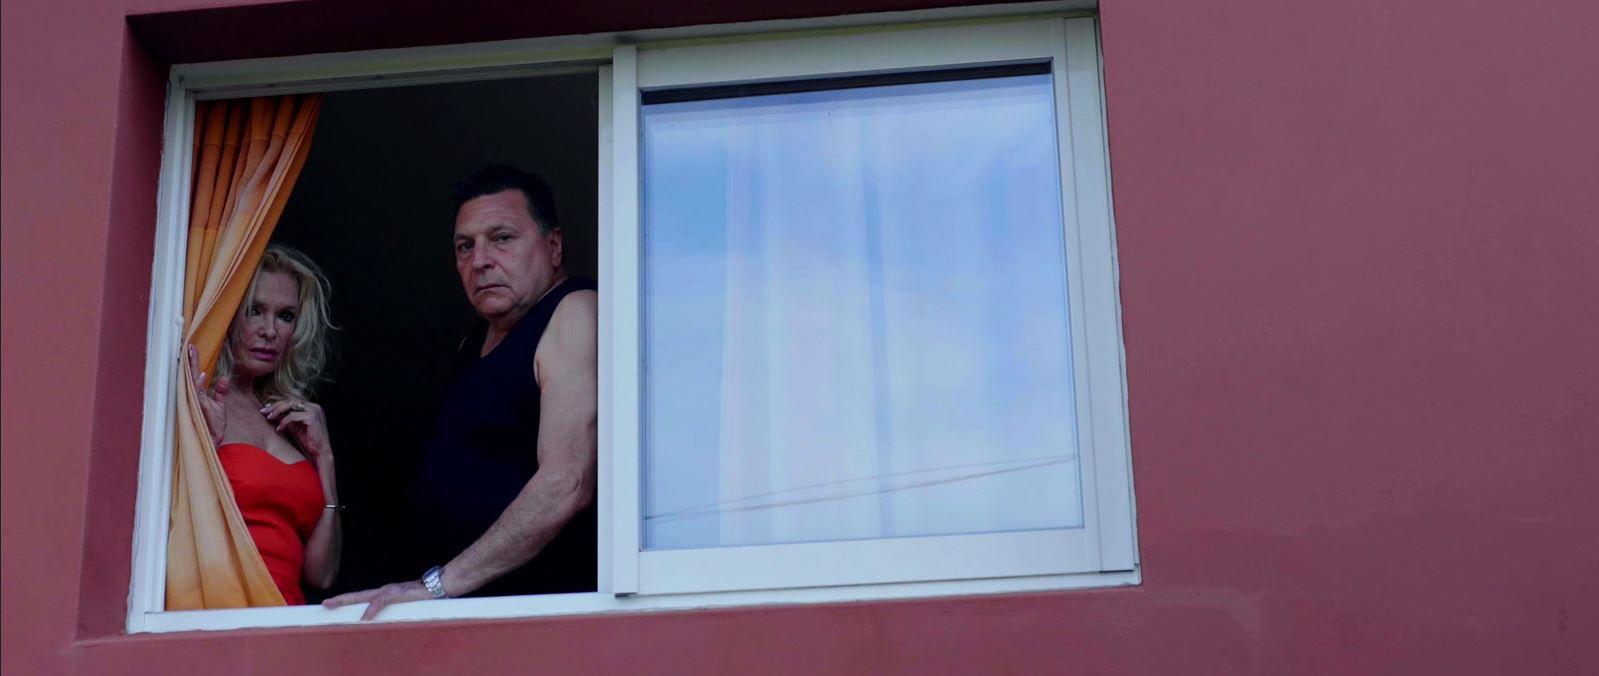 Vortex (BANDE-ANNONCE) de Christophe Karabache - Le 28 octobre 2020 au cinéma